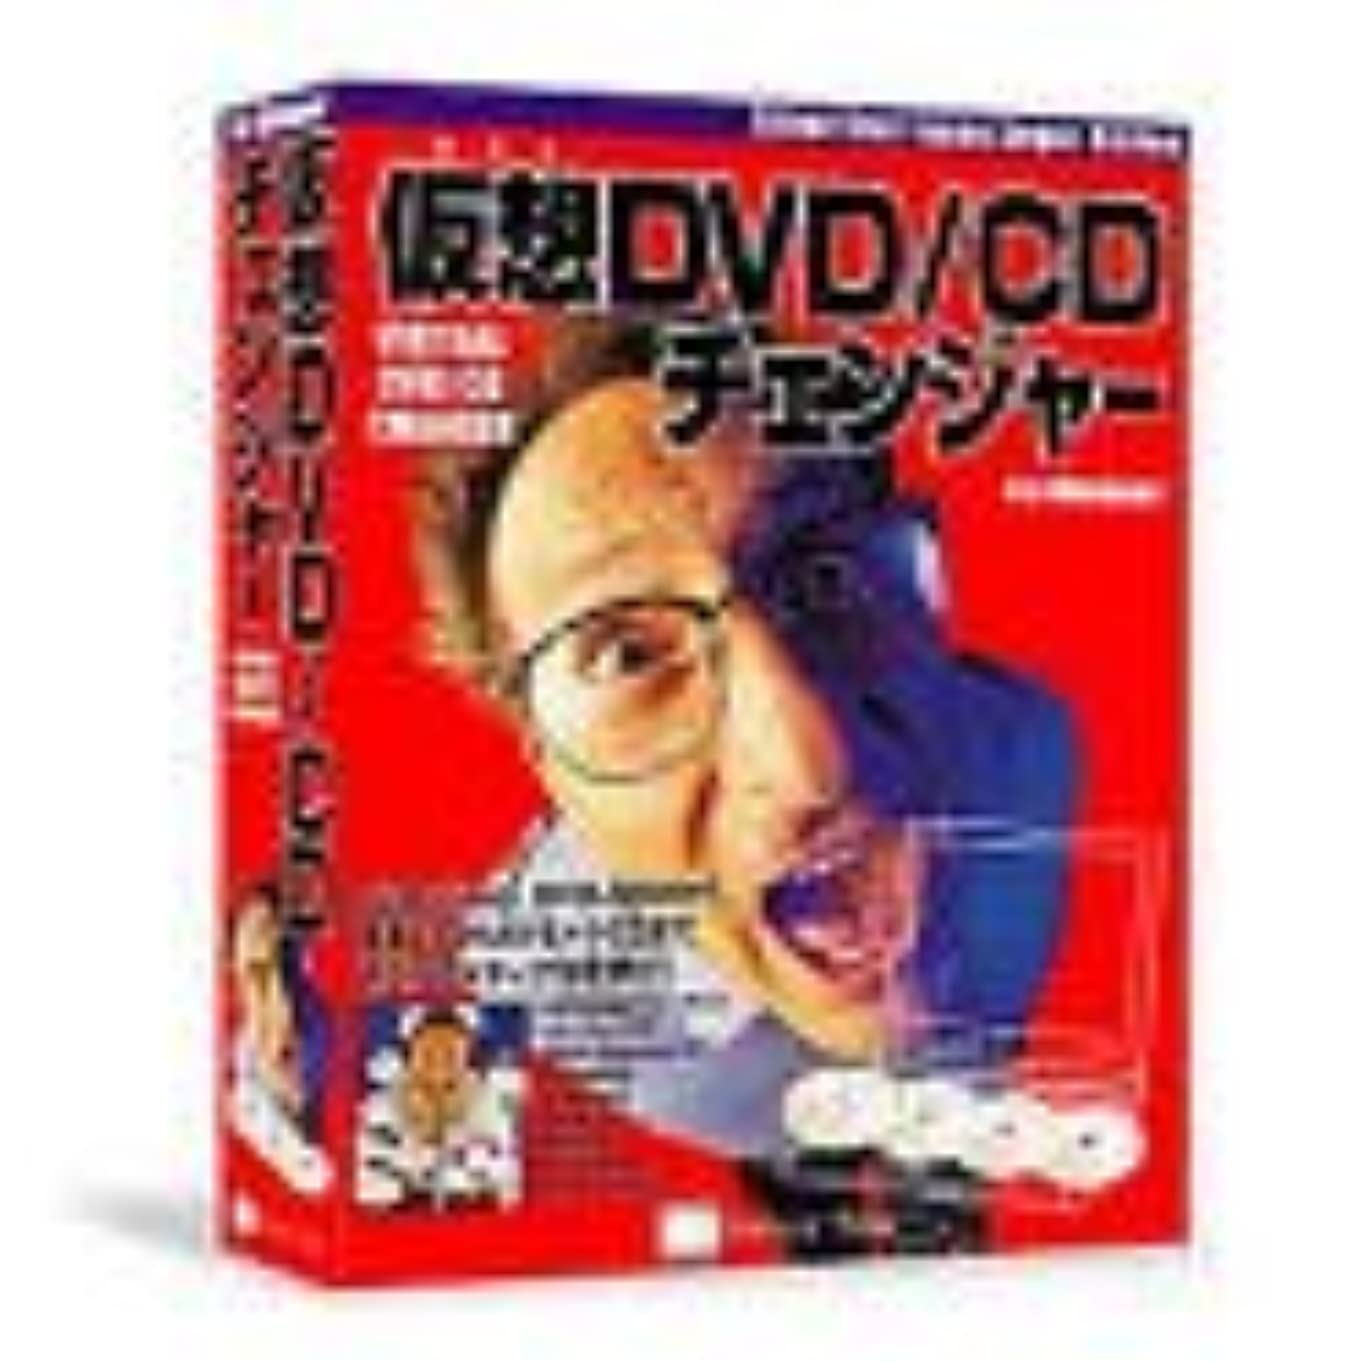 仮想DVD/CDチェンジャー for Windows